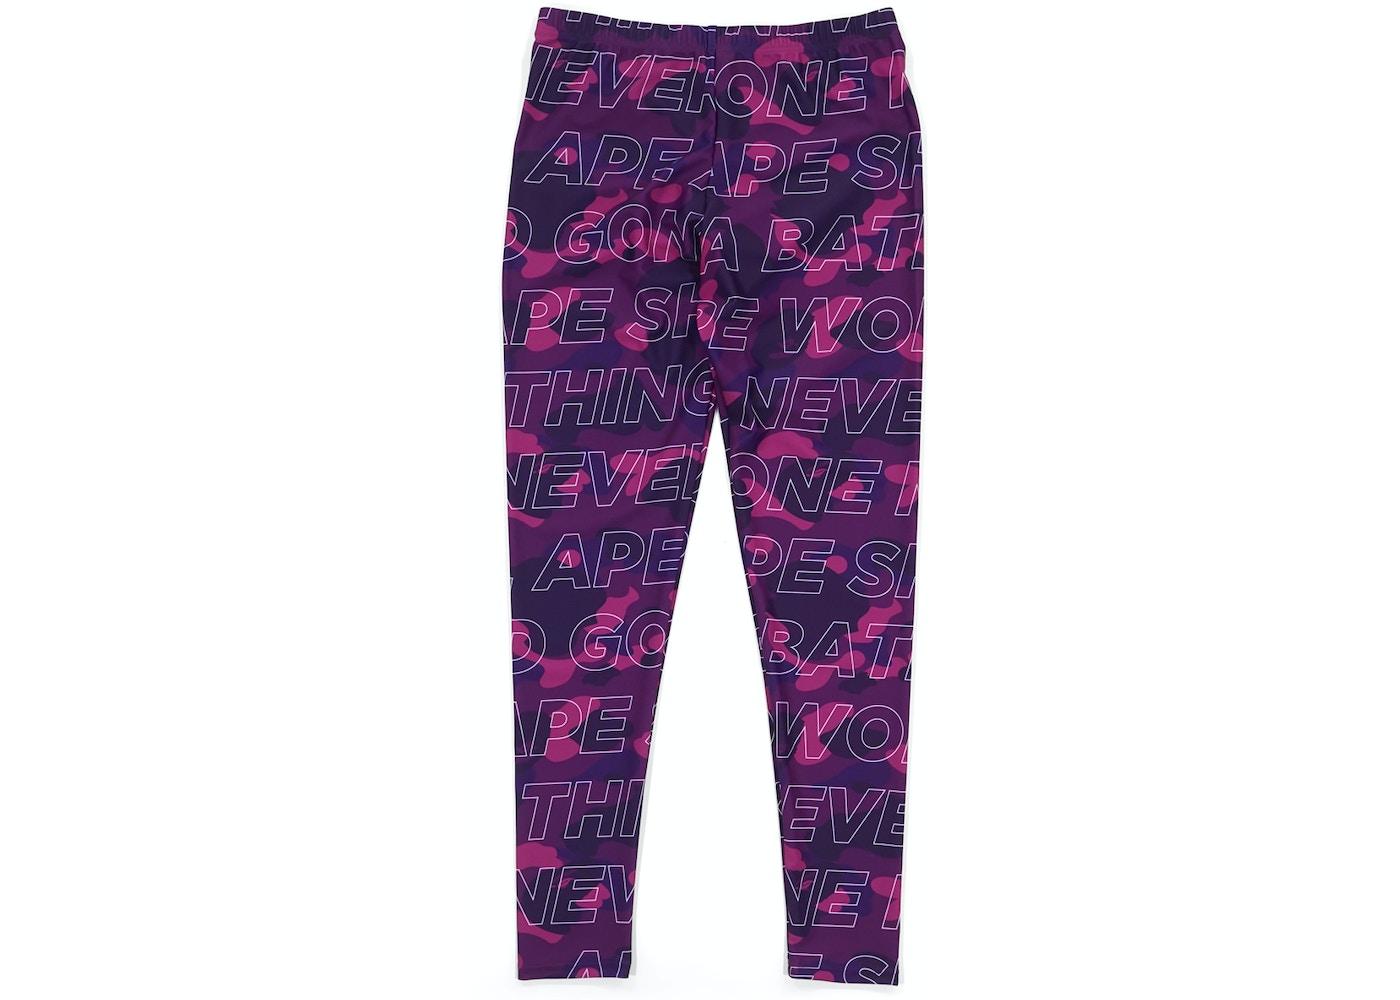 d44d4bc9f5 BAPE Text Color Camo Leggings (Ladies) Purple -